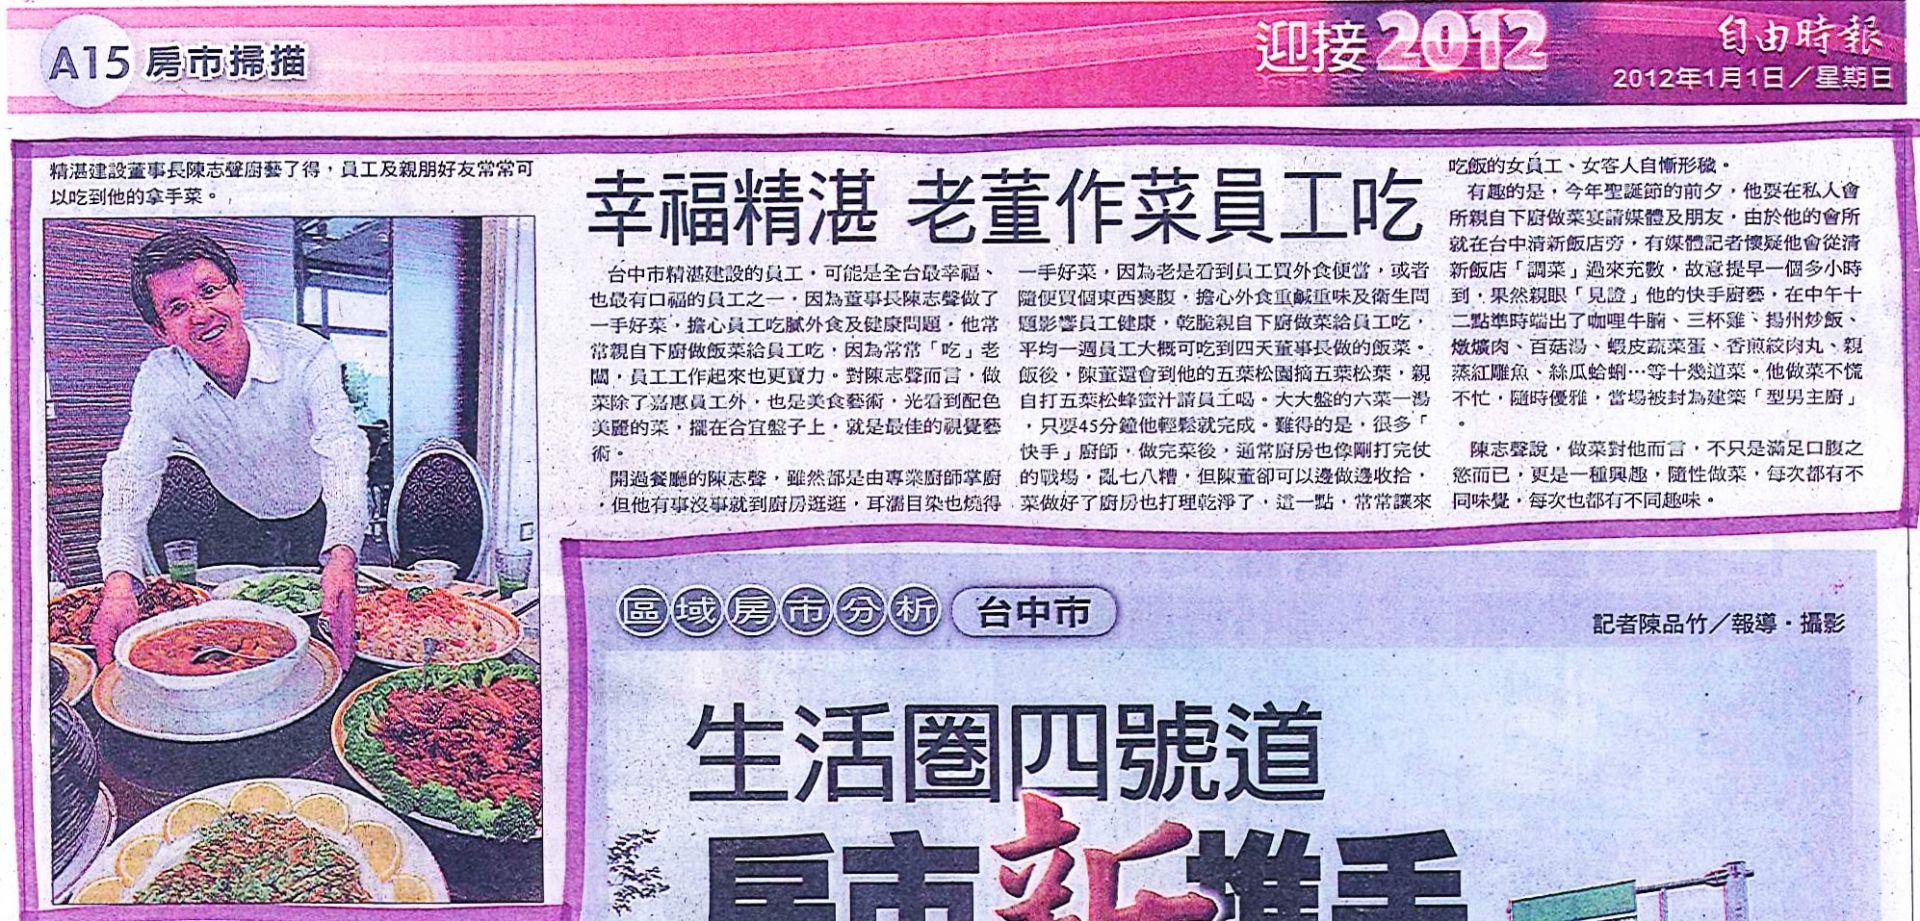 20120101 自由時報_幸福精湛 老董作菜員工吃